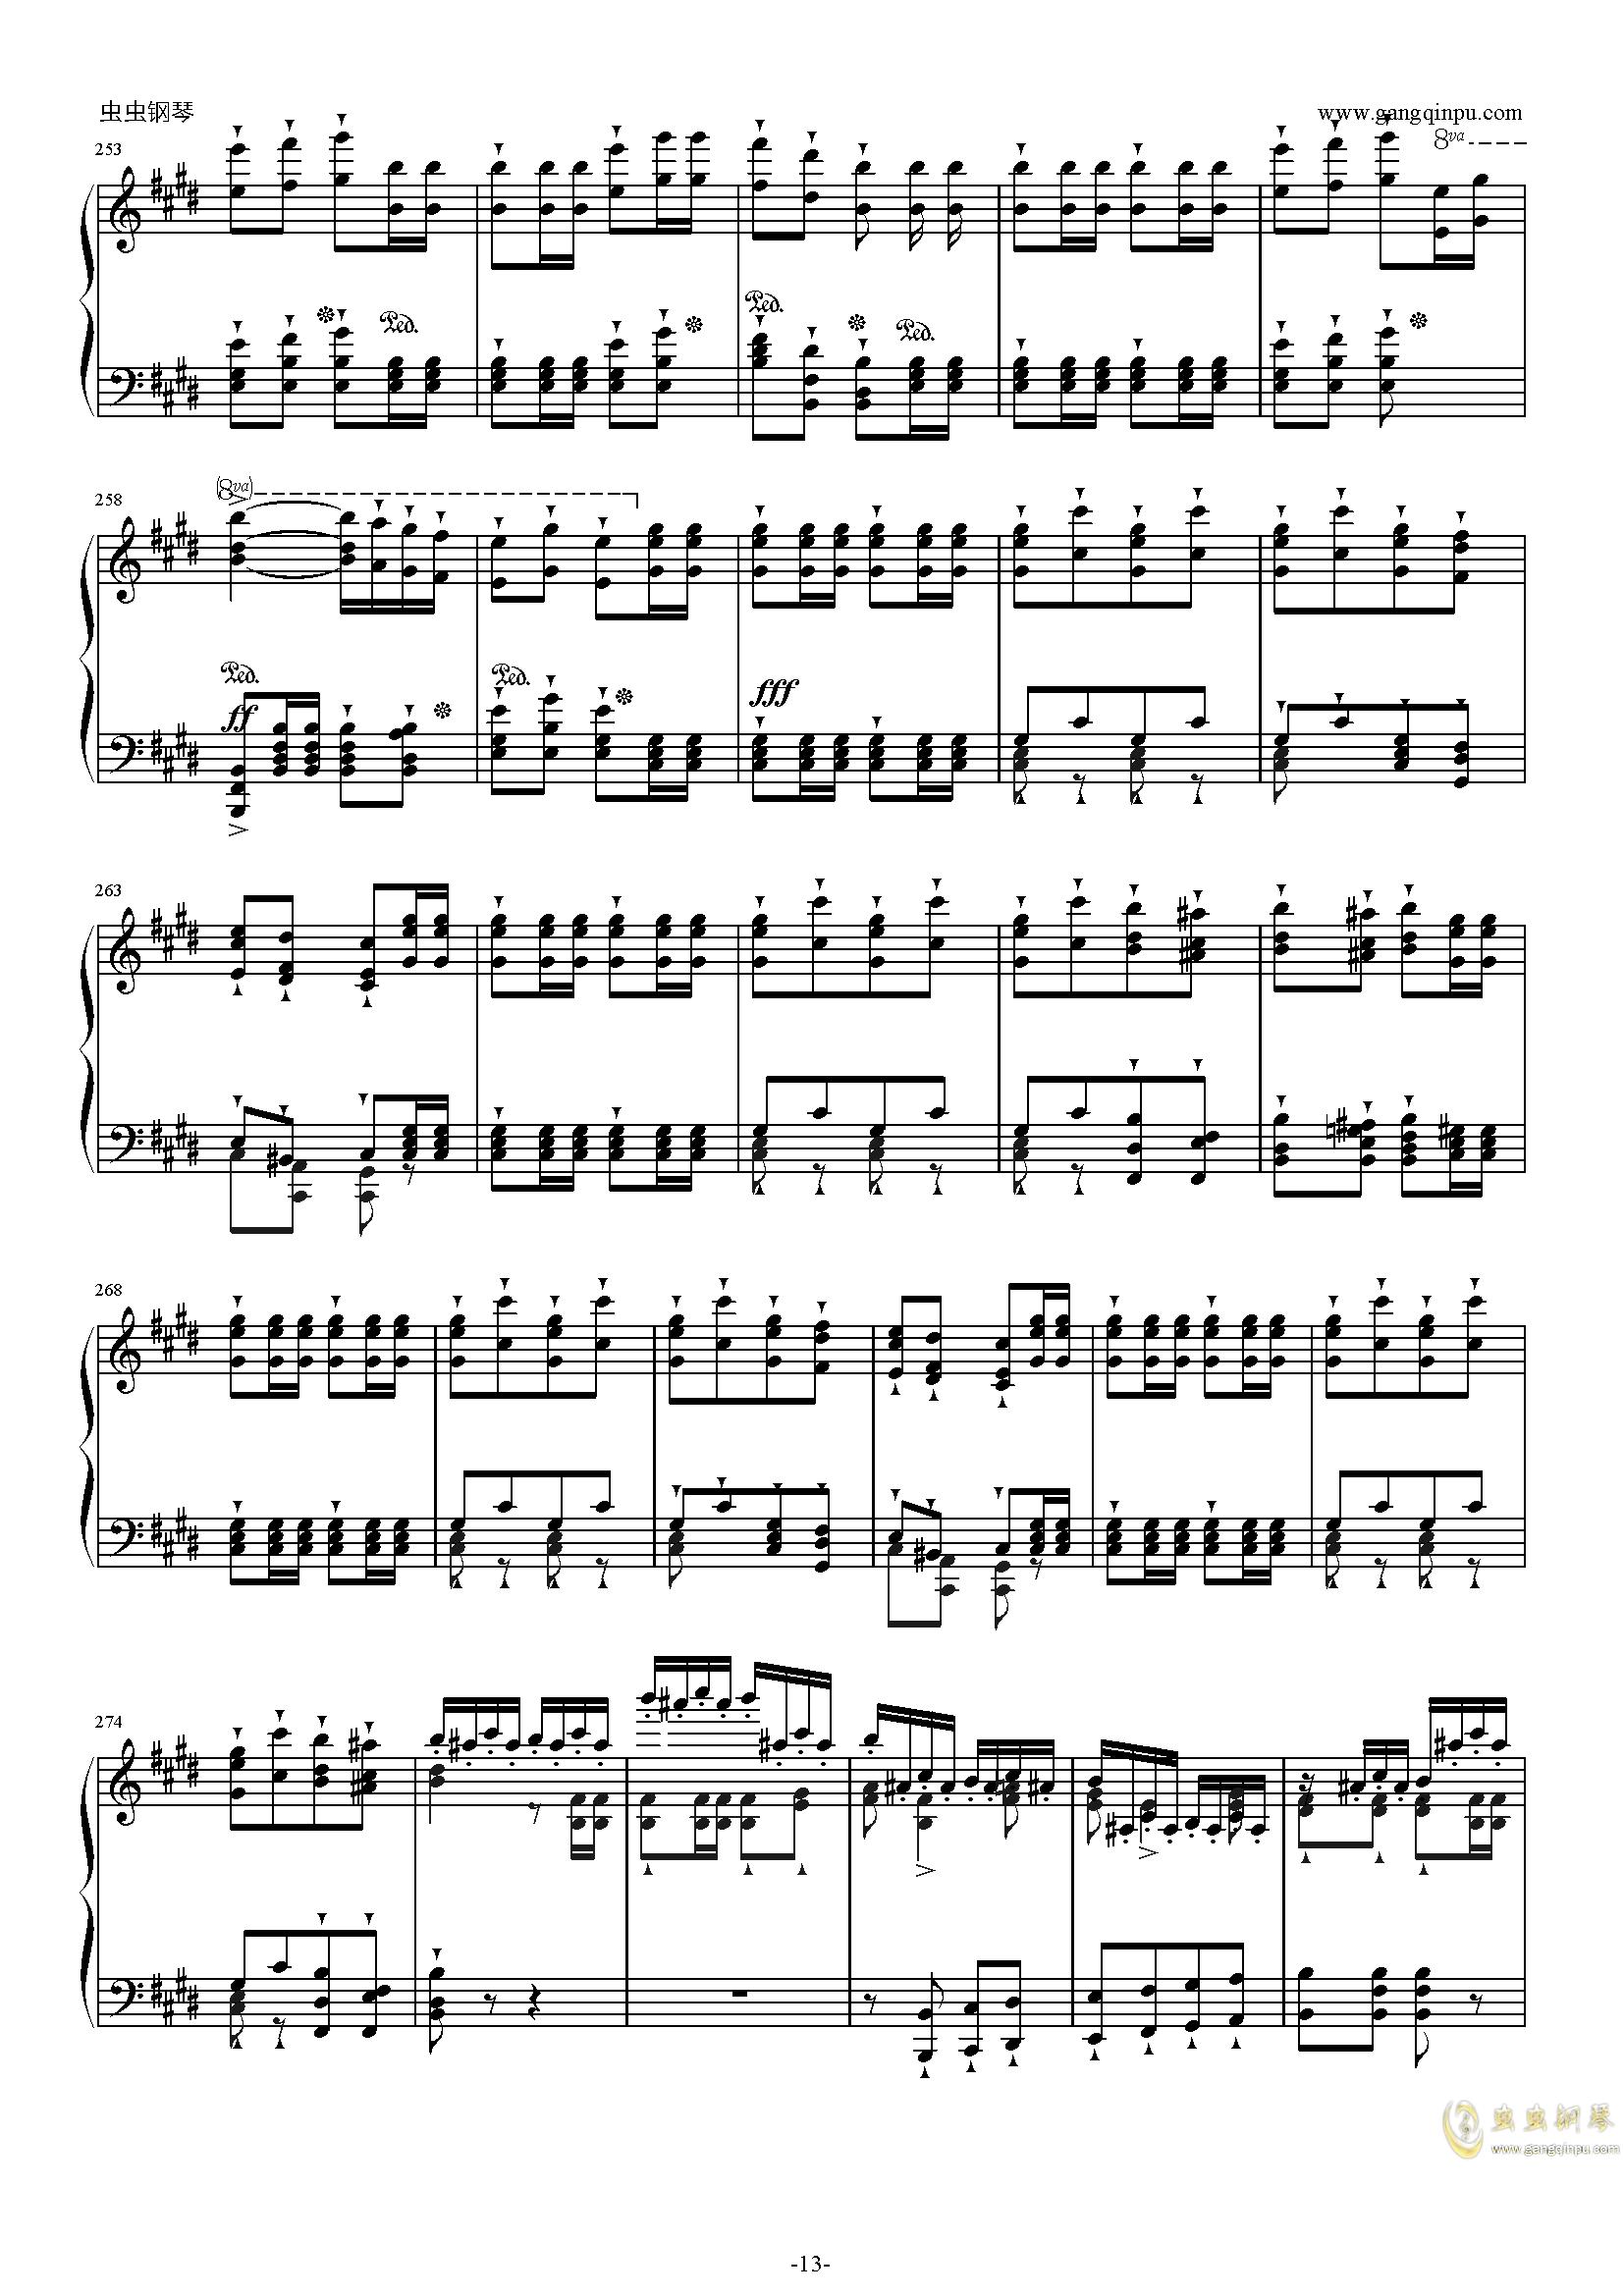 威廉・退尔序曲钢琴谱 第13页